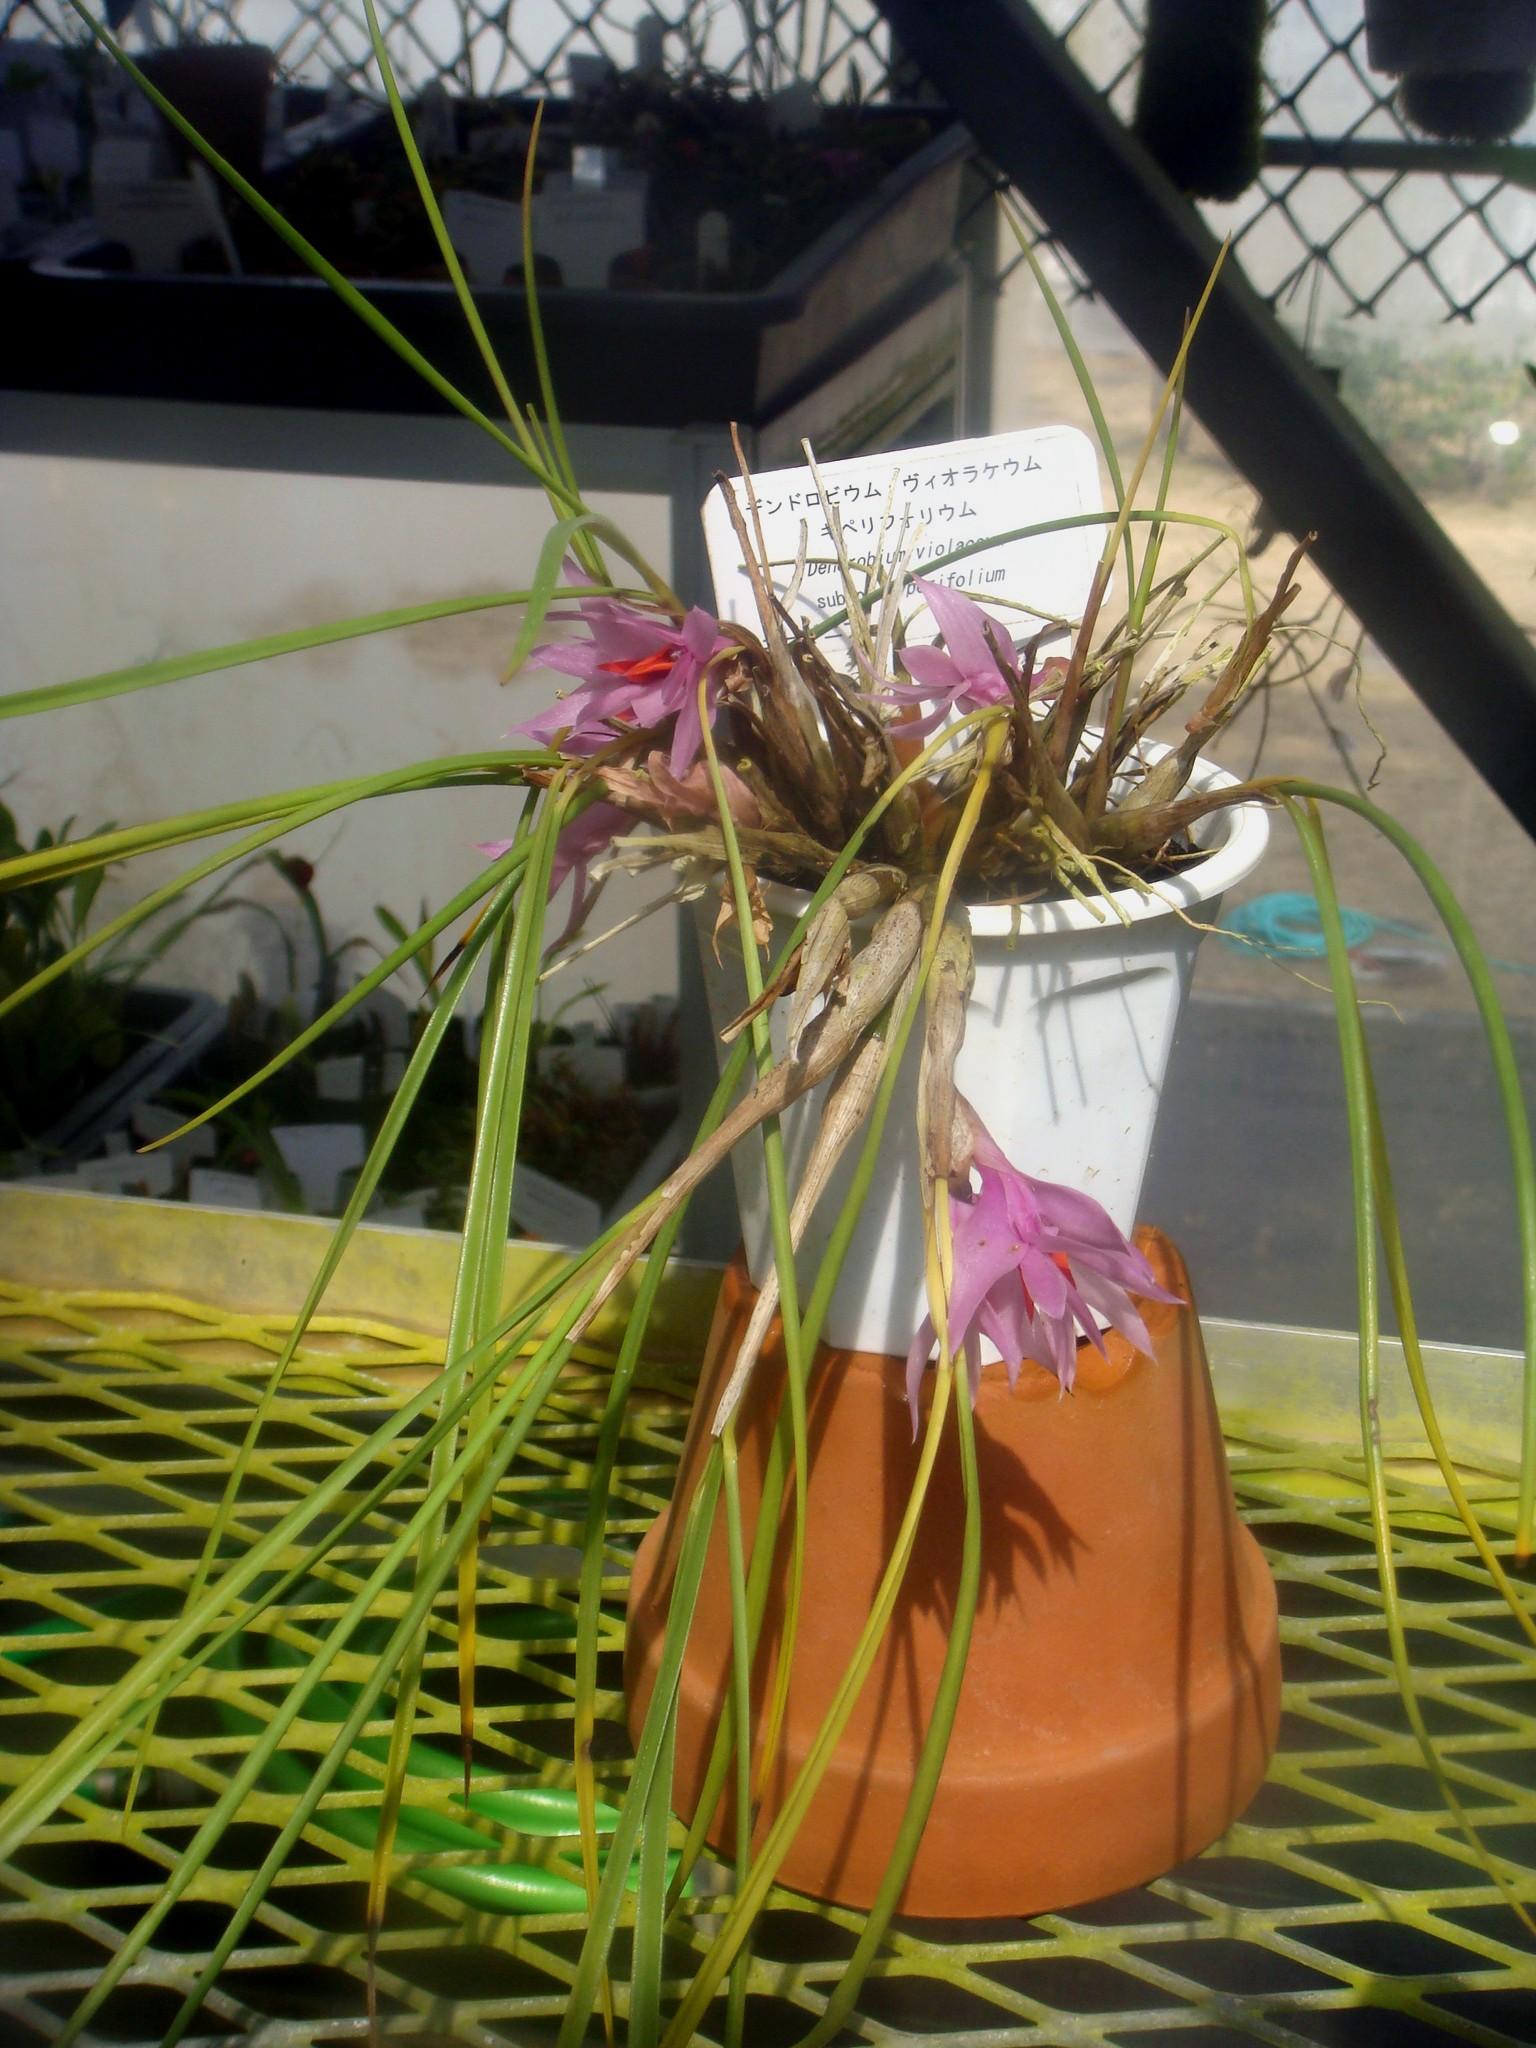 http://orchids.la.coocan.jp/Dendrobium/Dendrobium%20violaceum%20cyperifolium/DSC05894.JPG